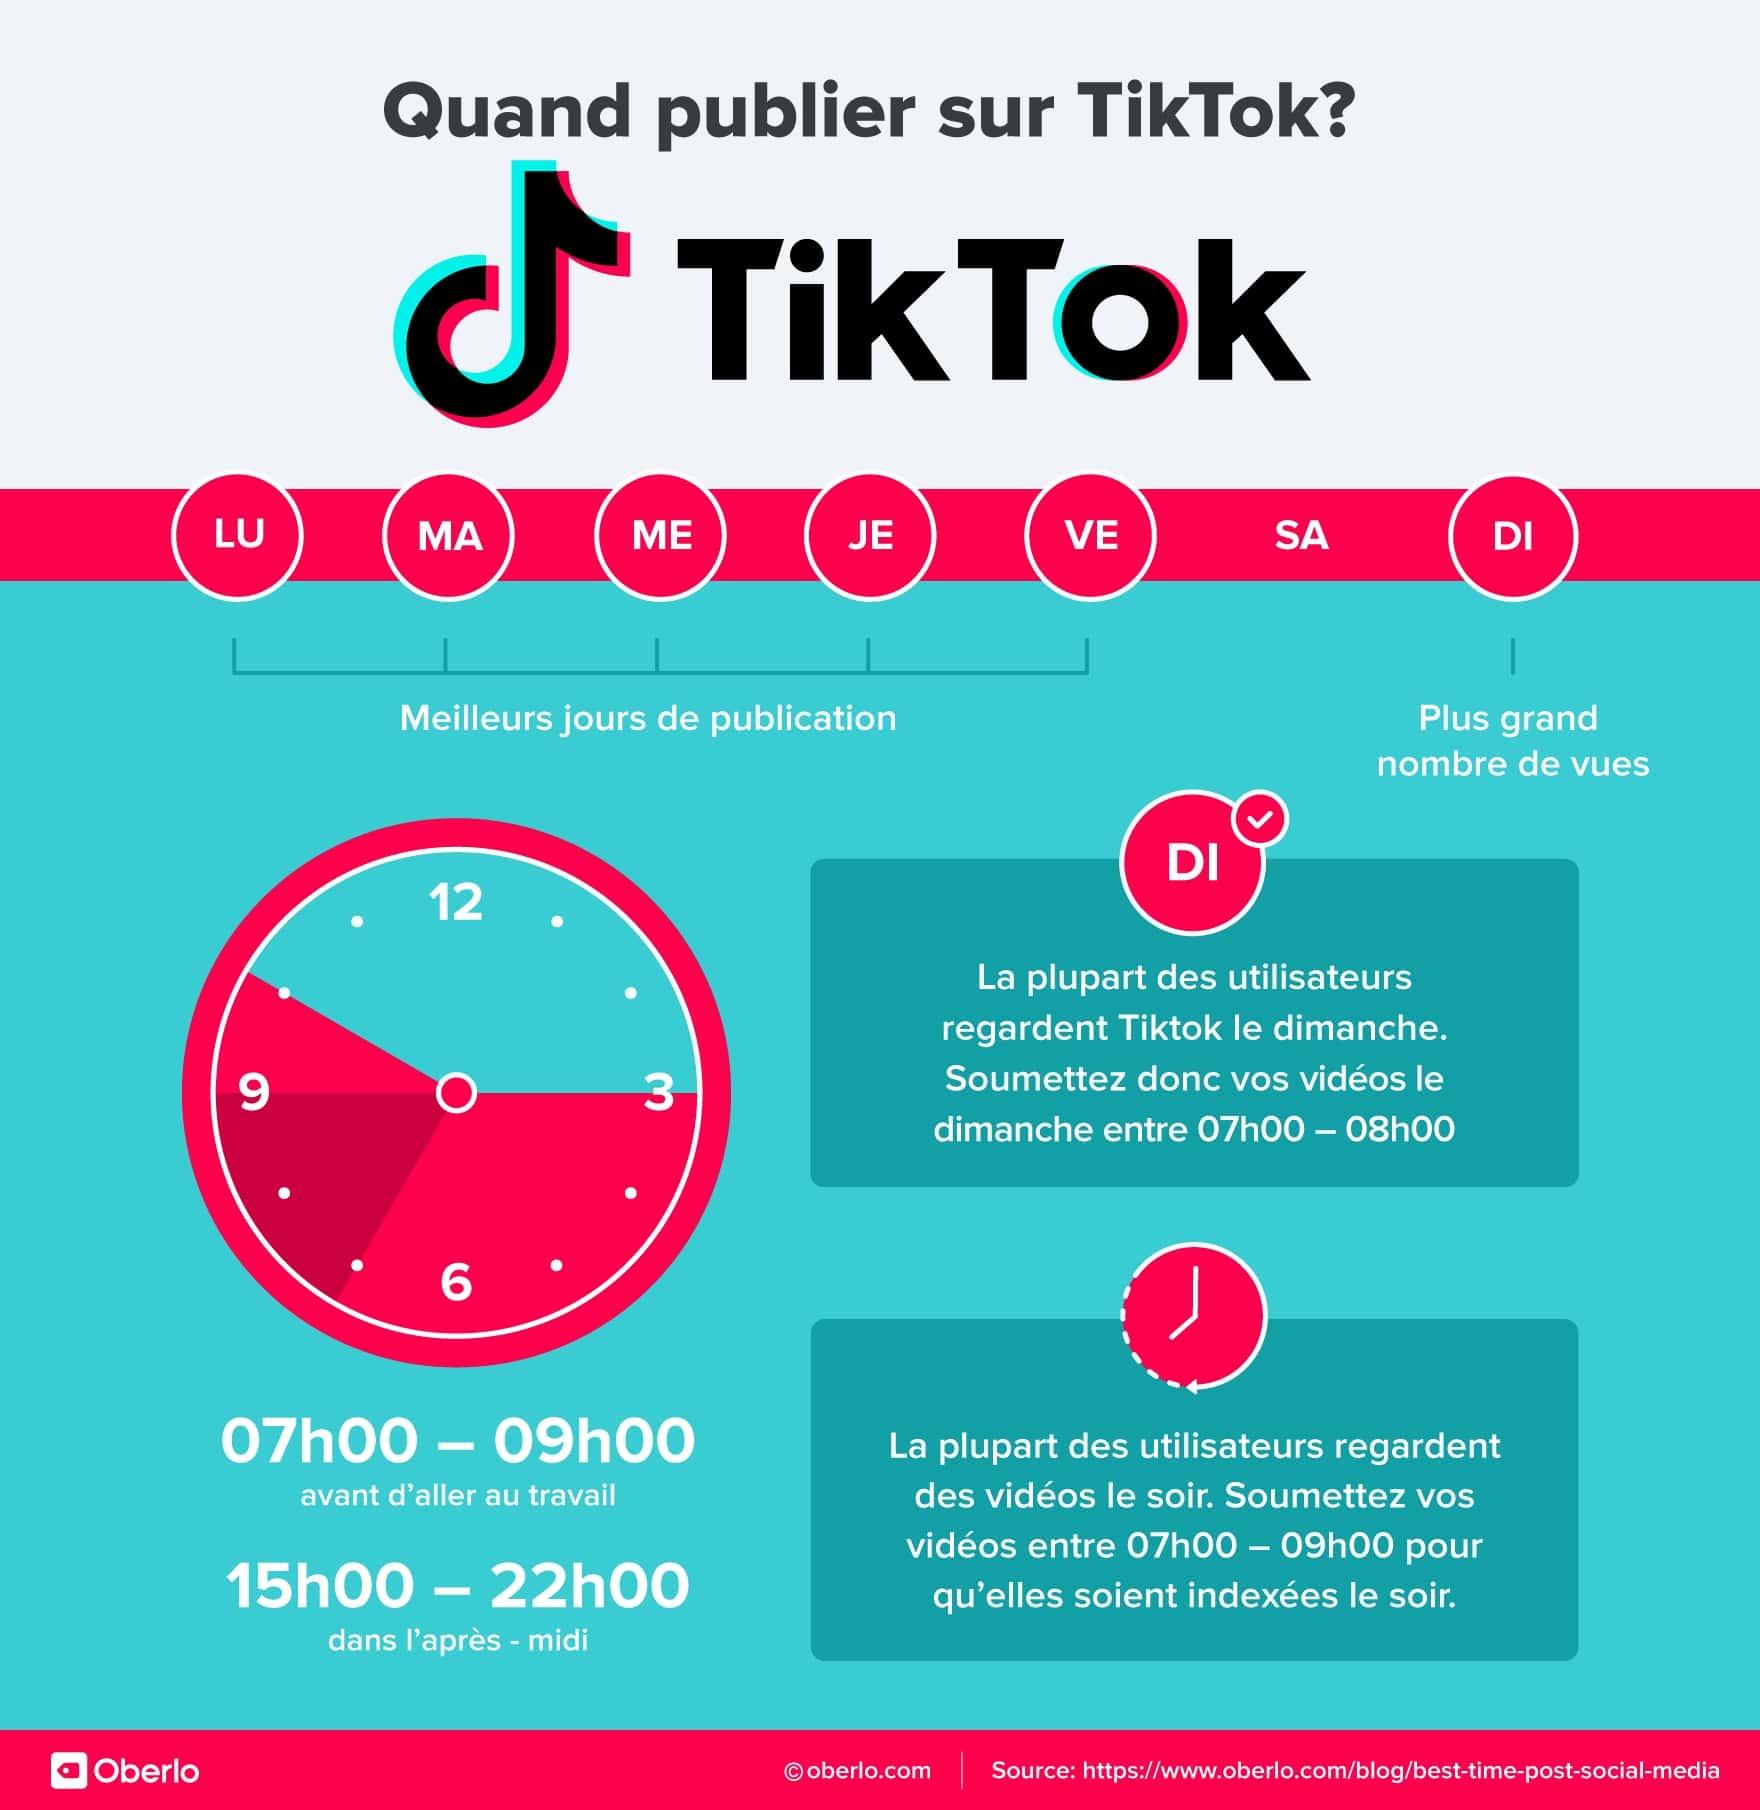 Quand publier sur Tiktok